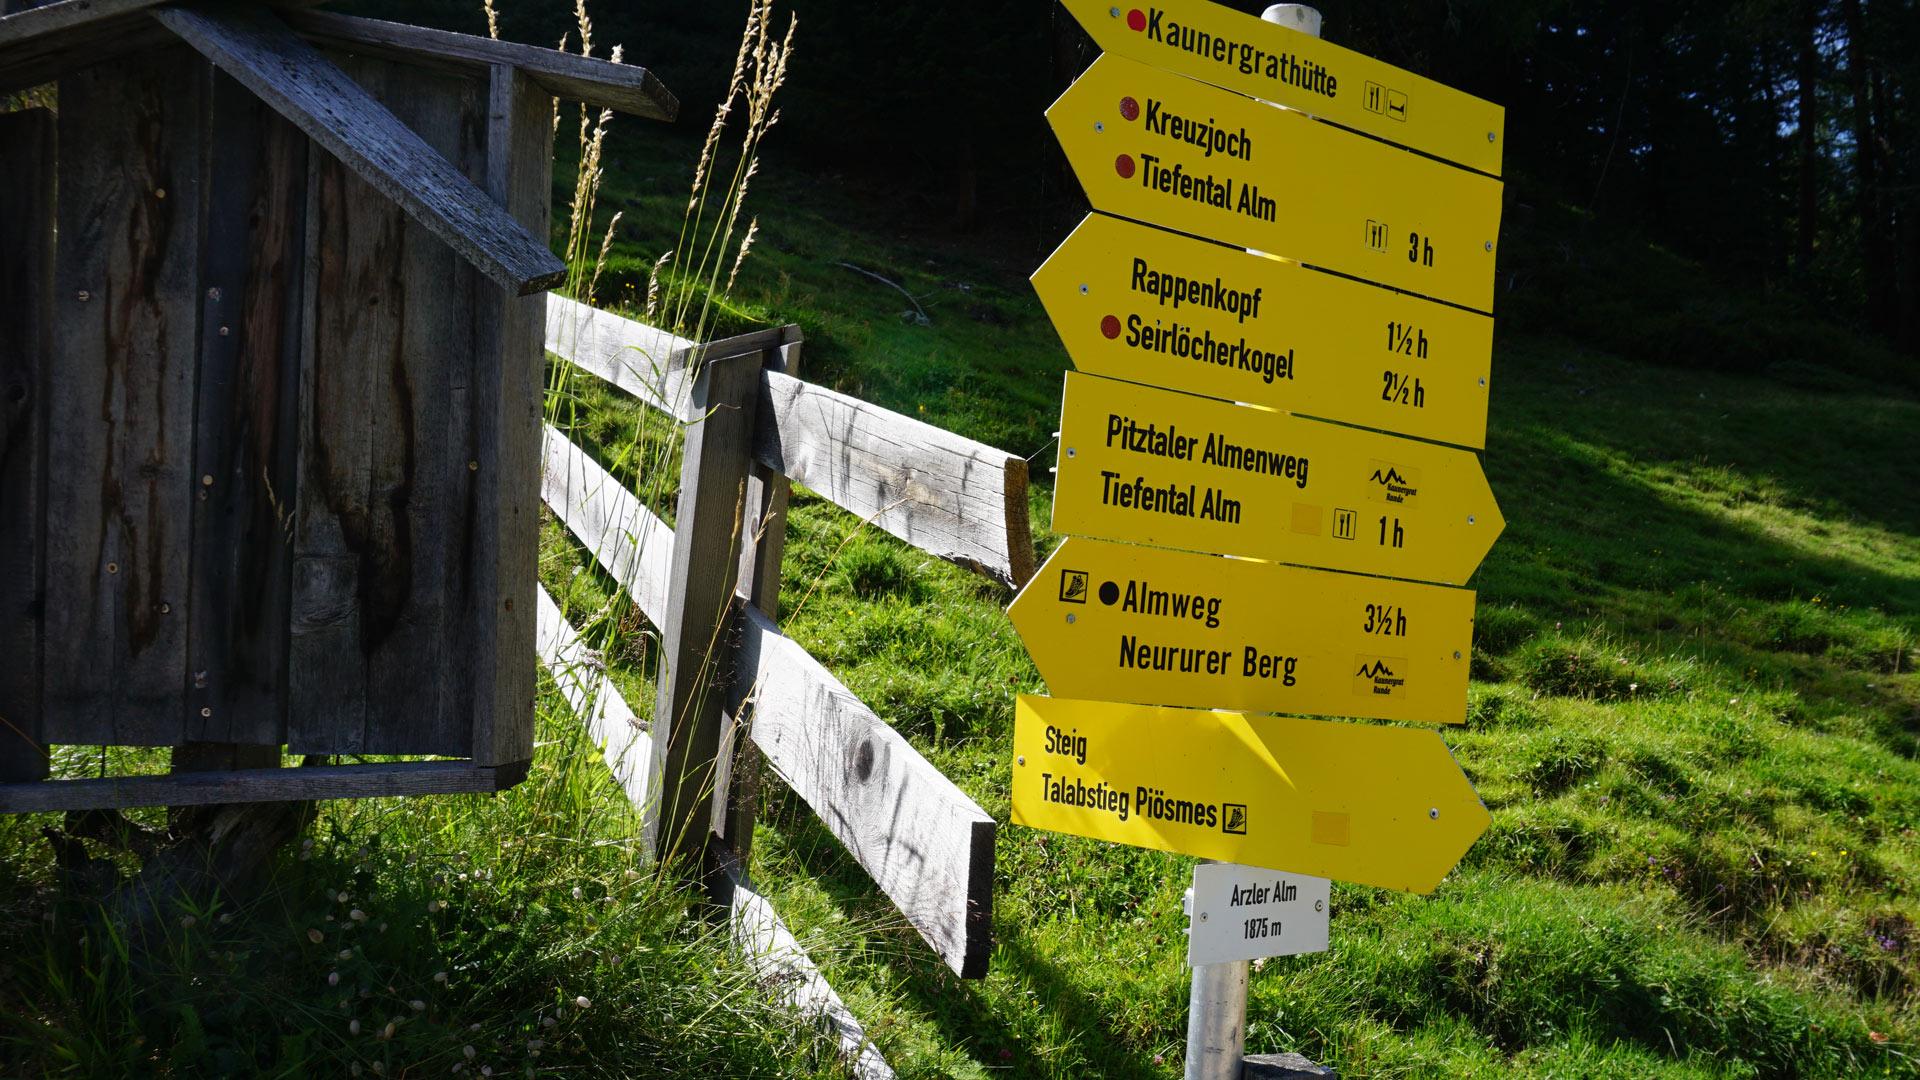 Arzl im pitztal single treffen, Mattersburg frauen aus